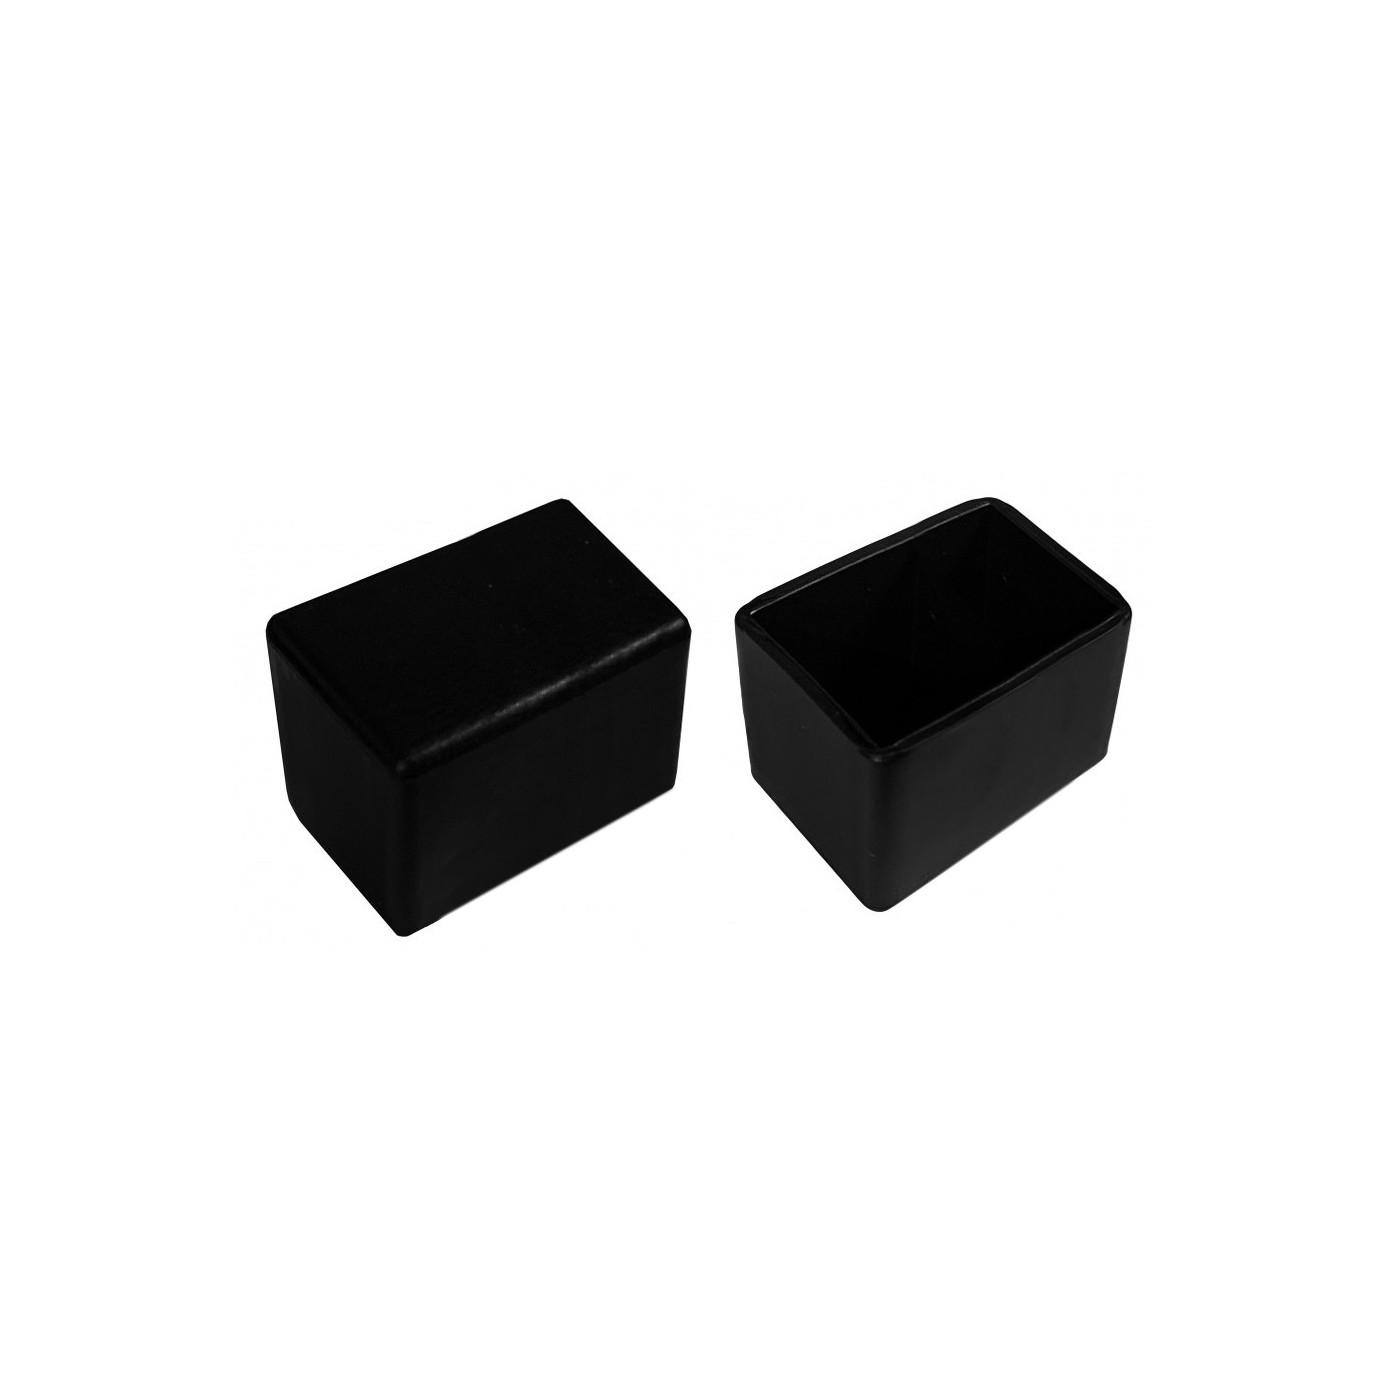 Set von 32 silikonkappen (Außenkappe, Rechteck, 30x40 mm, schwarz) [O-RA-30x40-B]  - 1